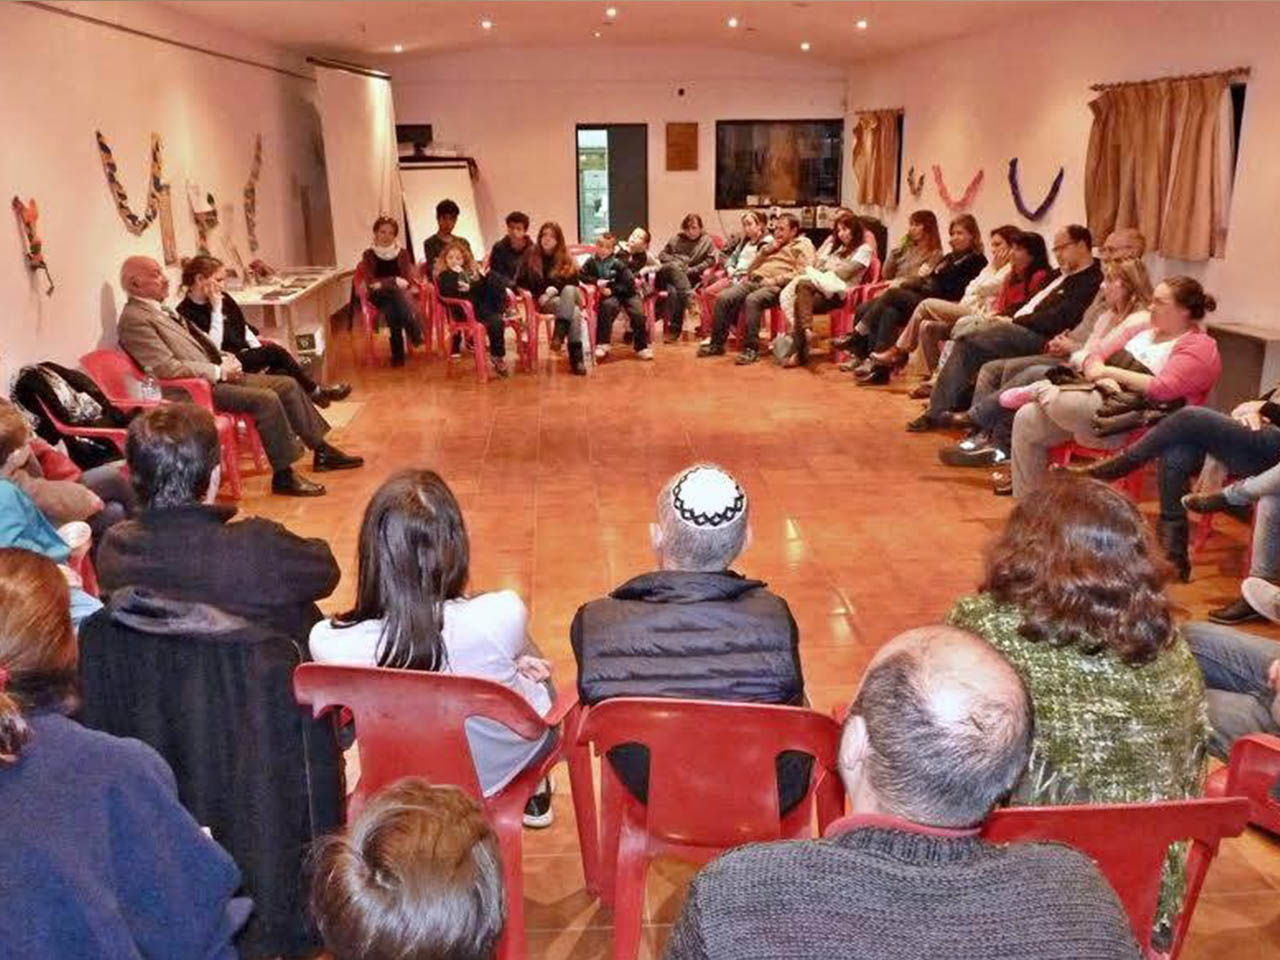 Comunidad Judía de Bariloche - FOTO 2